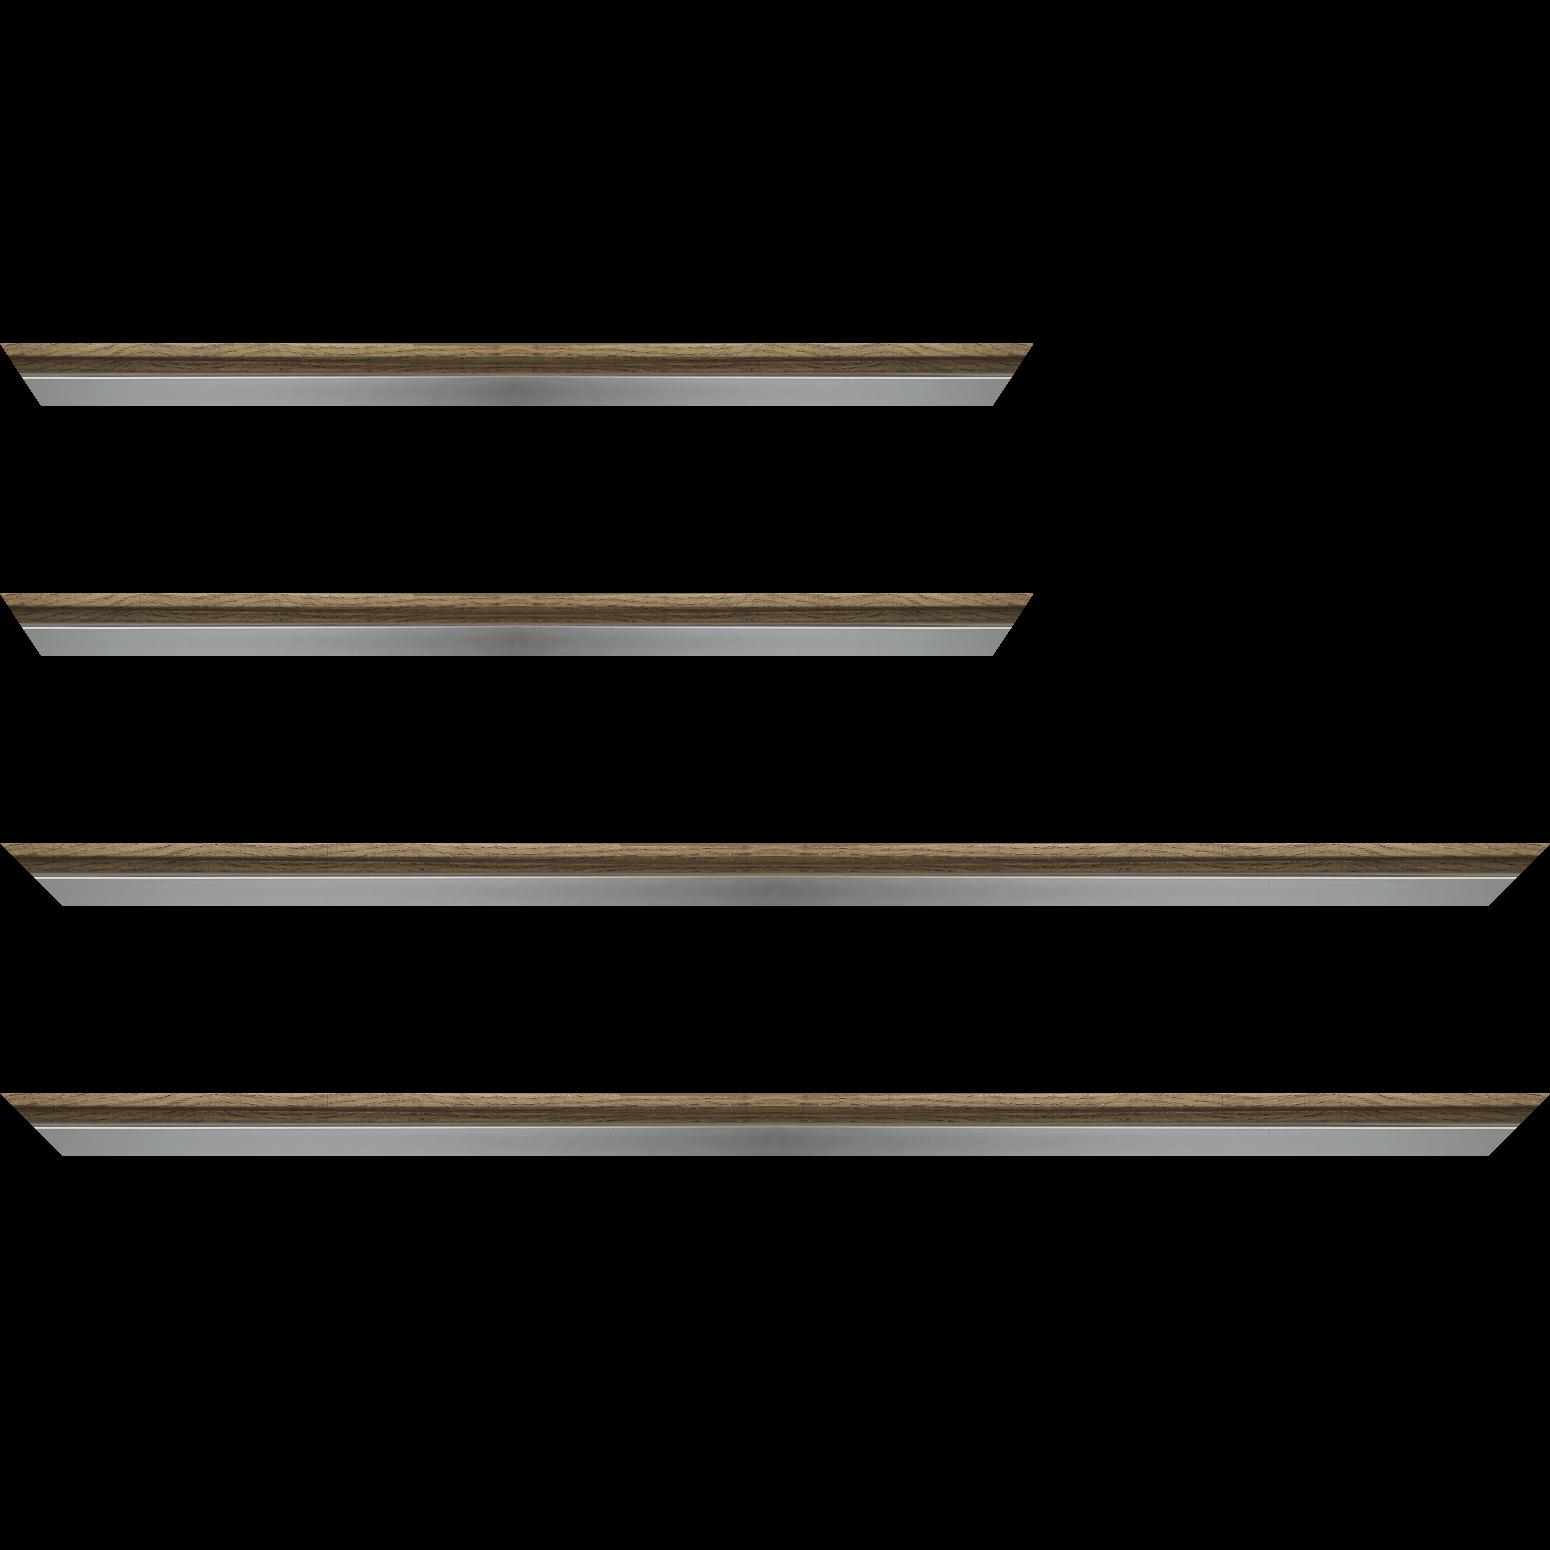 Baguette service précoupé Bois profil plat largeur 2.4cm  argent chromé décor chêne foncé extérieur